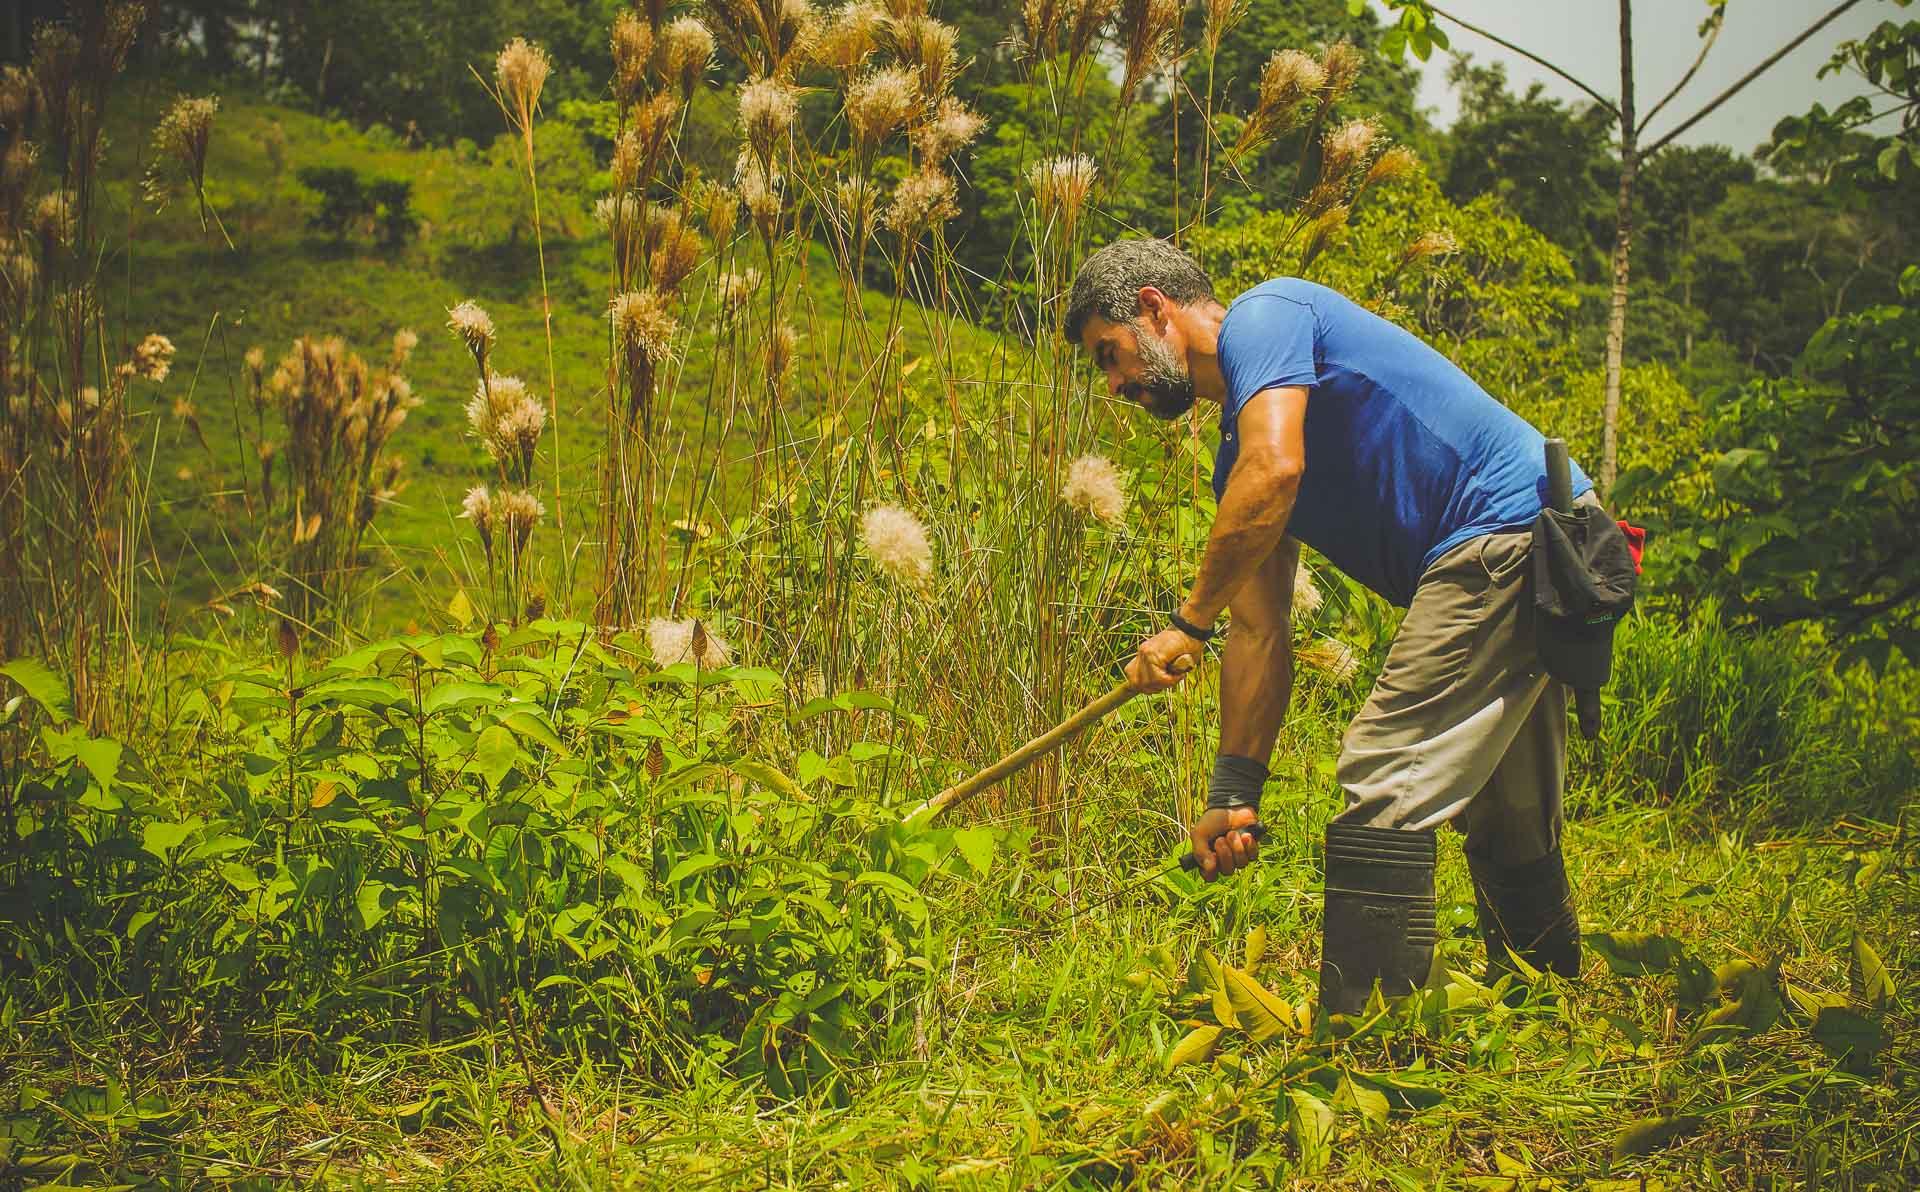 Roger cutting grass